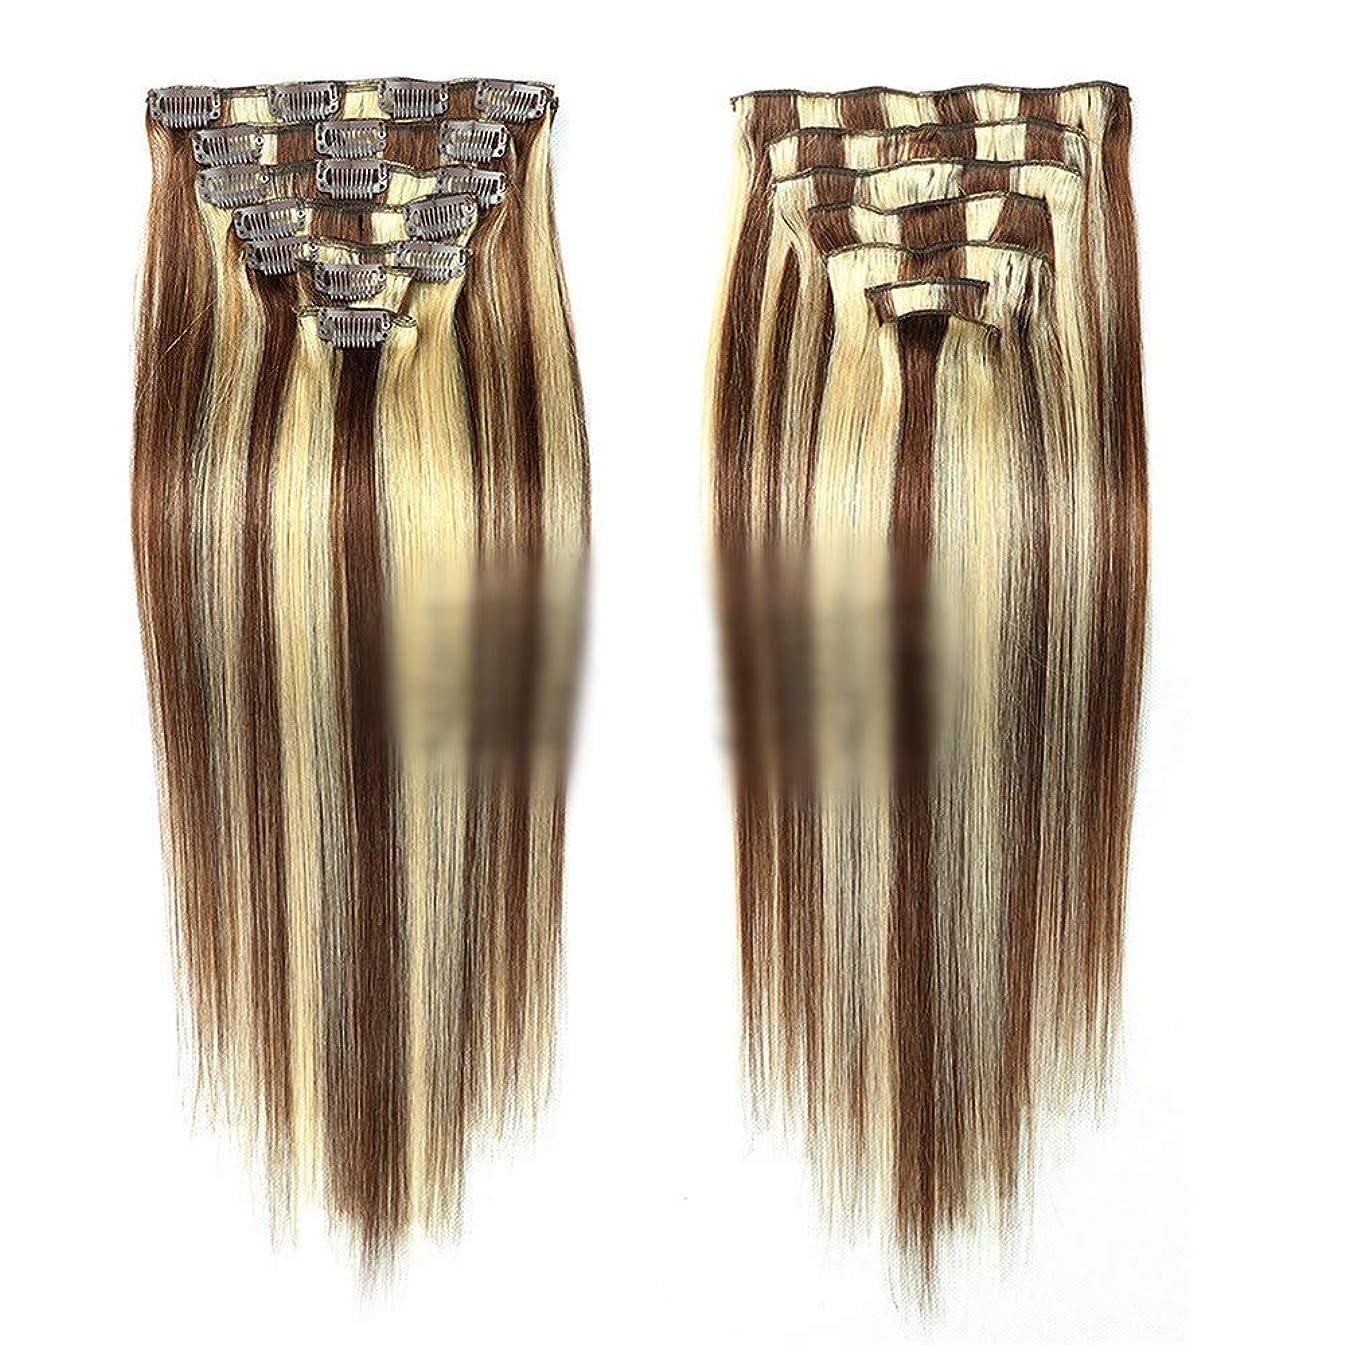 検出彼らのもの非公式HOHYLLYA ワンピースヘアエクステンション7個本物のヘアクリップイン - #4/613金髪に褐色のフルヘッド22インチロールプレイングかつら女性の自然なかつら (色 : #4/613)